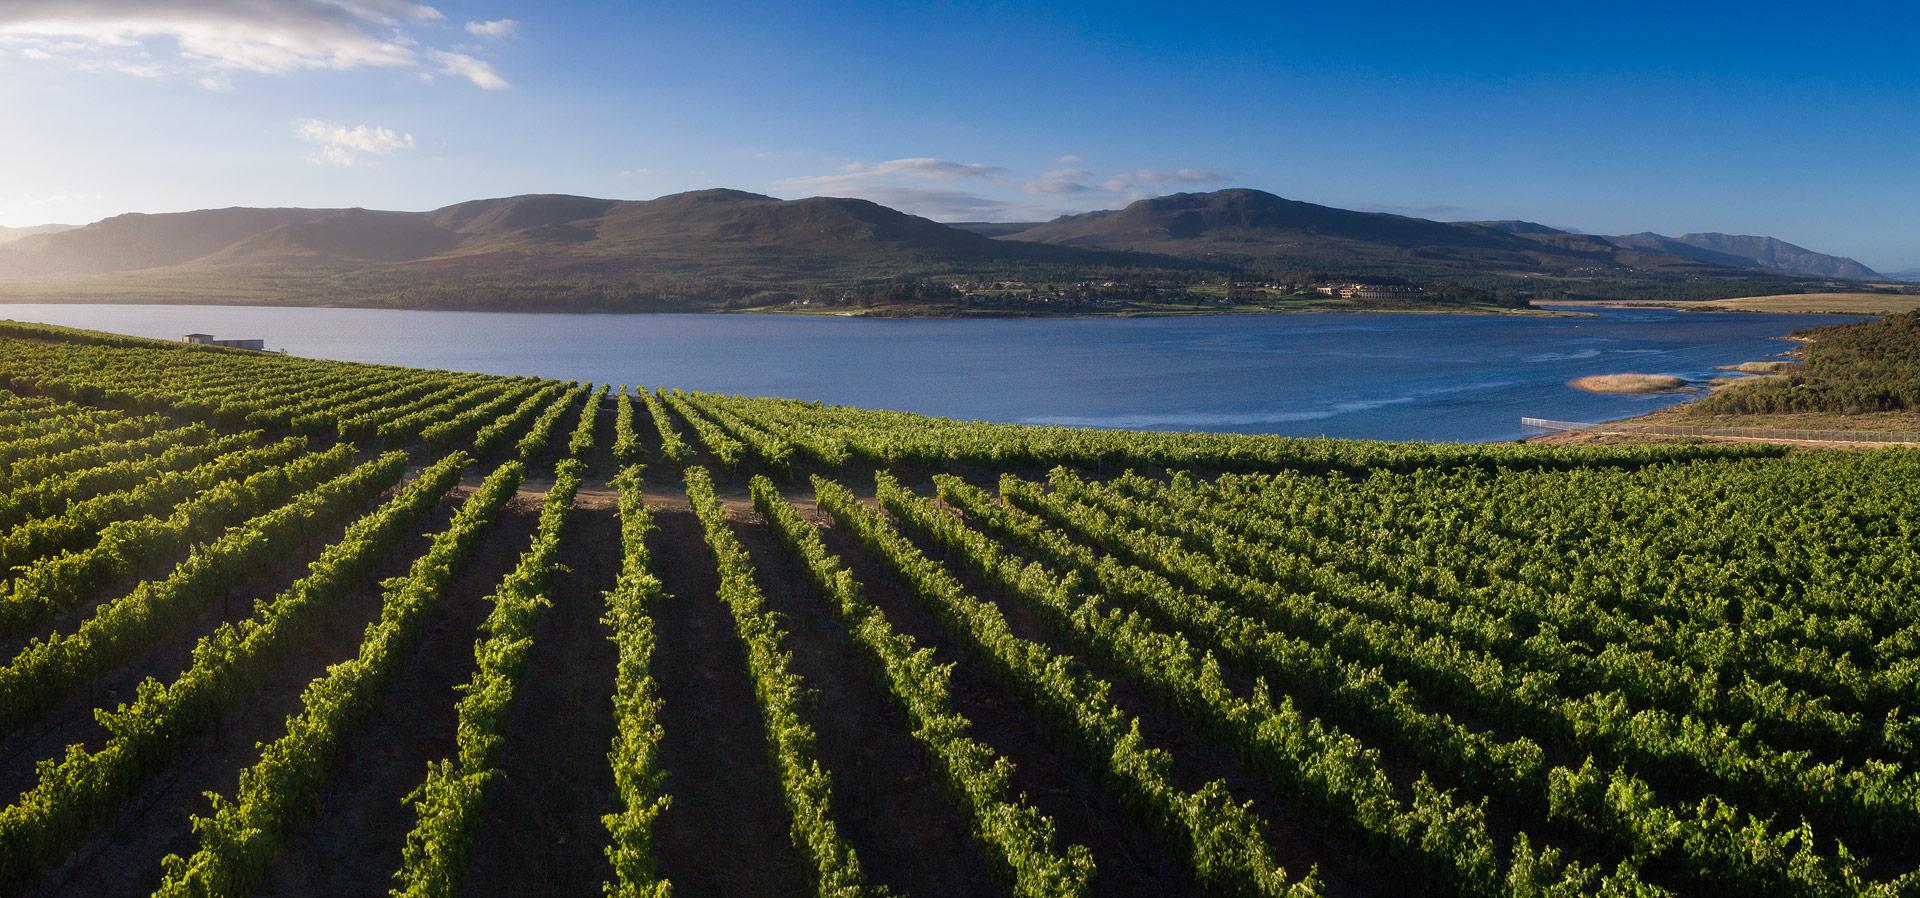 Vineyard and views (2).jpg